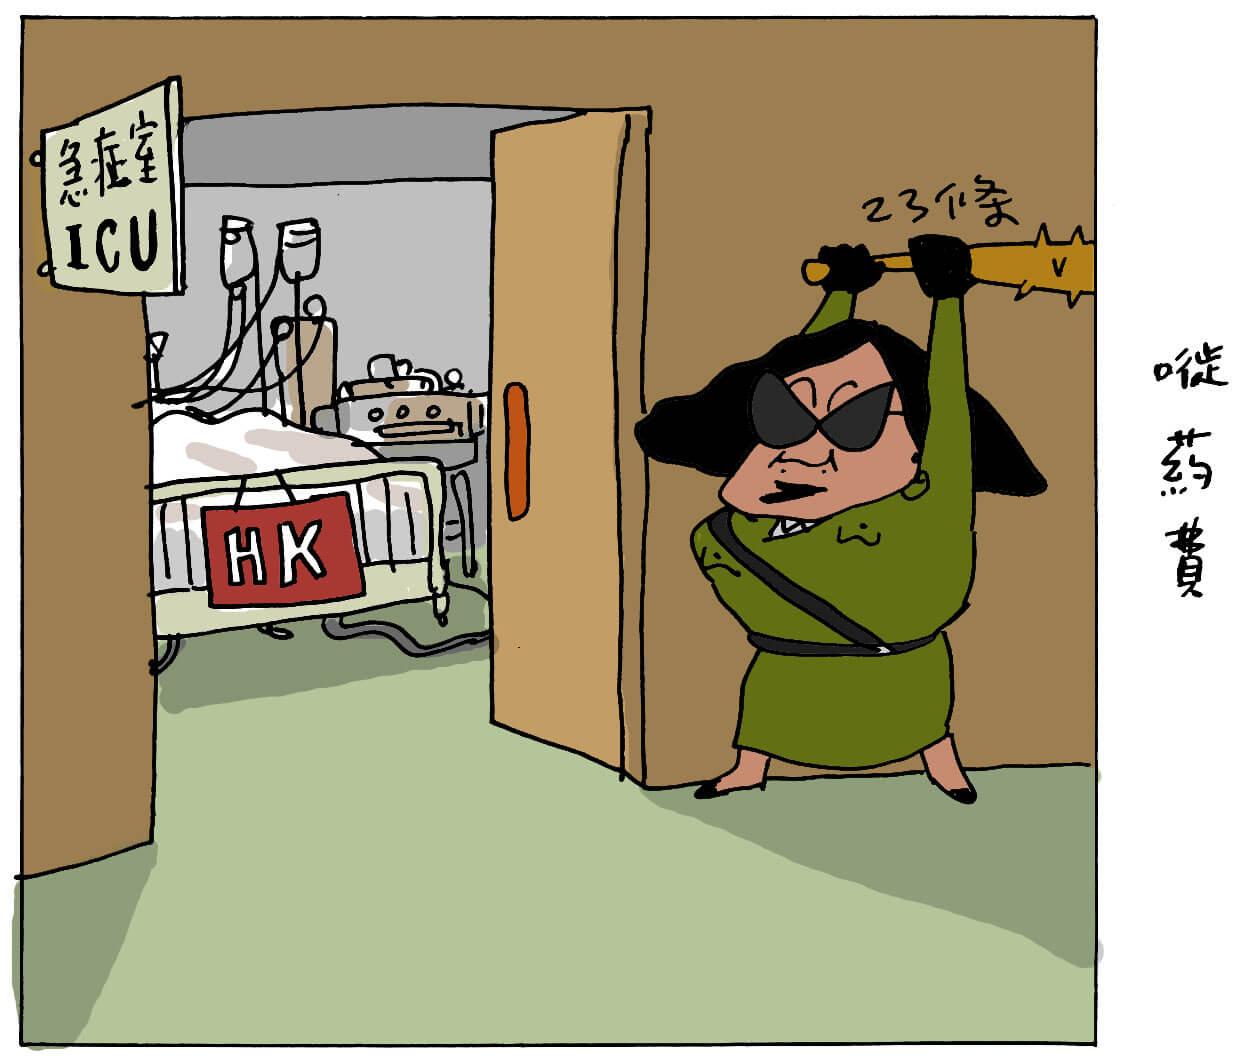 《嘥葯費》,2003年,時任保安局局長葉劉淑儀四出推銷《廿三條》立法。其「掃把頭」幾乎與廿三條拉上等號。